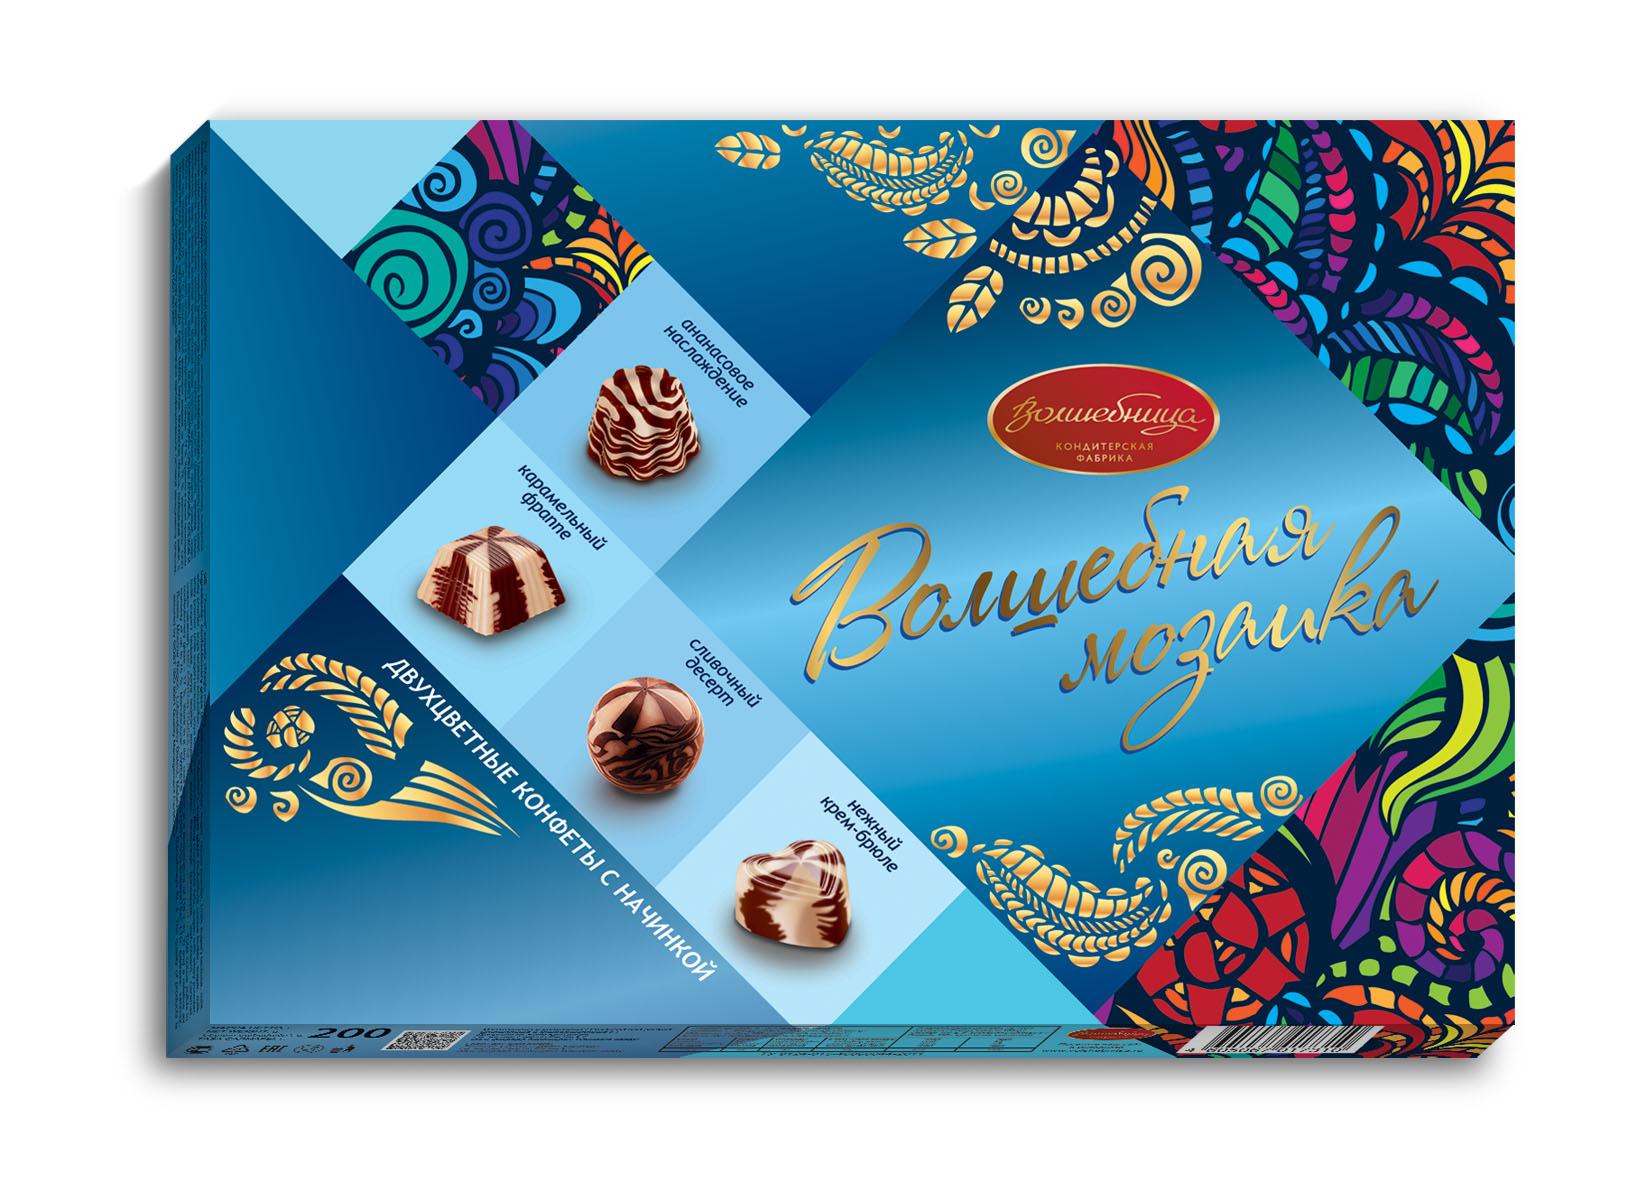 Волшебница Волшебная мозаика конфеты двухслойные с начинками, 200 г волшебница трюфельное конфеты шоколадное ассорти 200 г